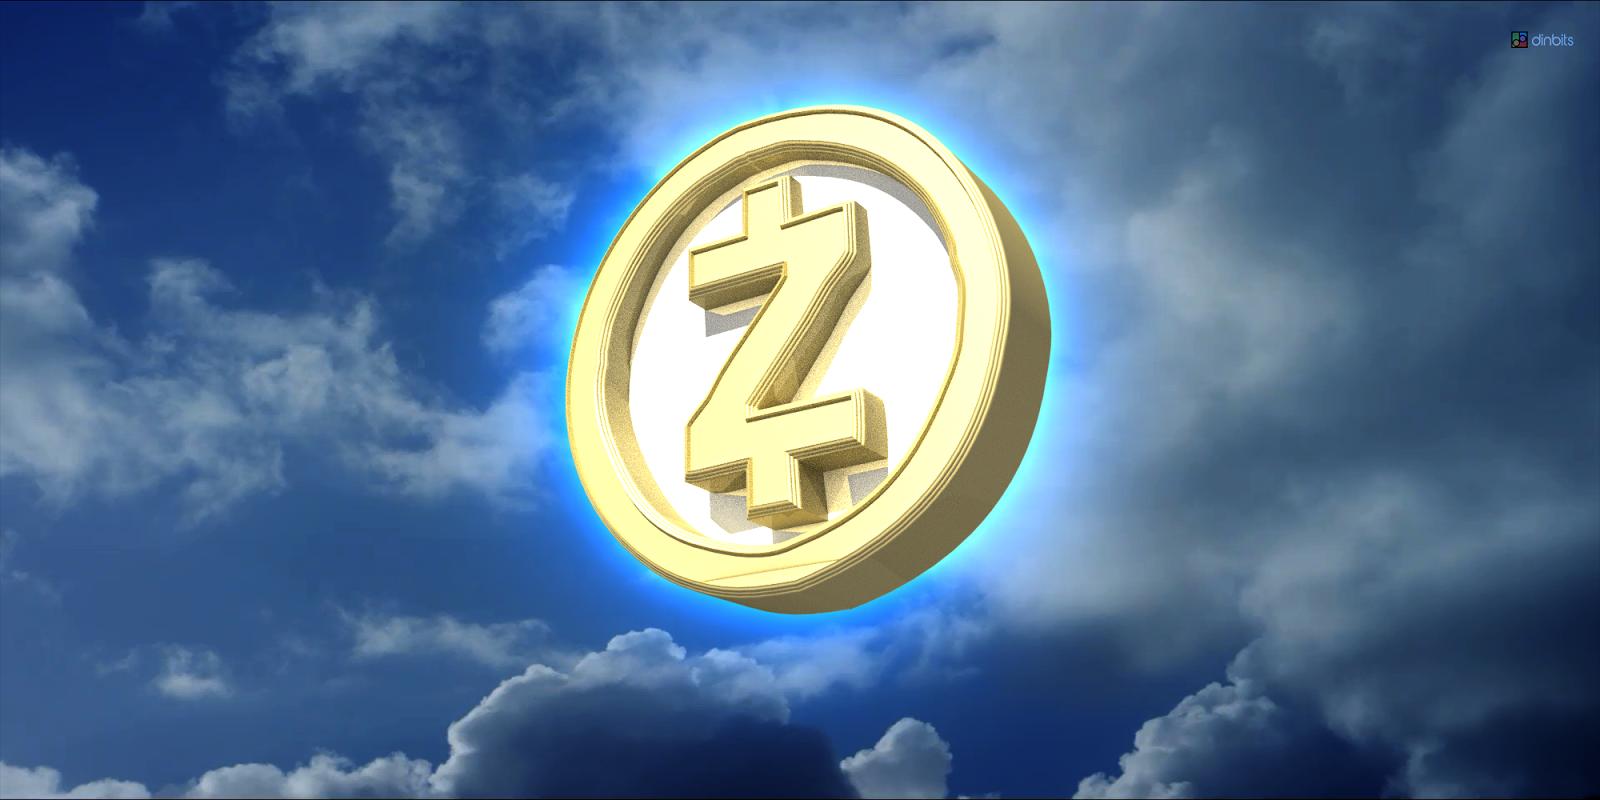 zcash market cap